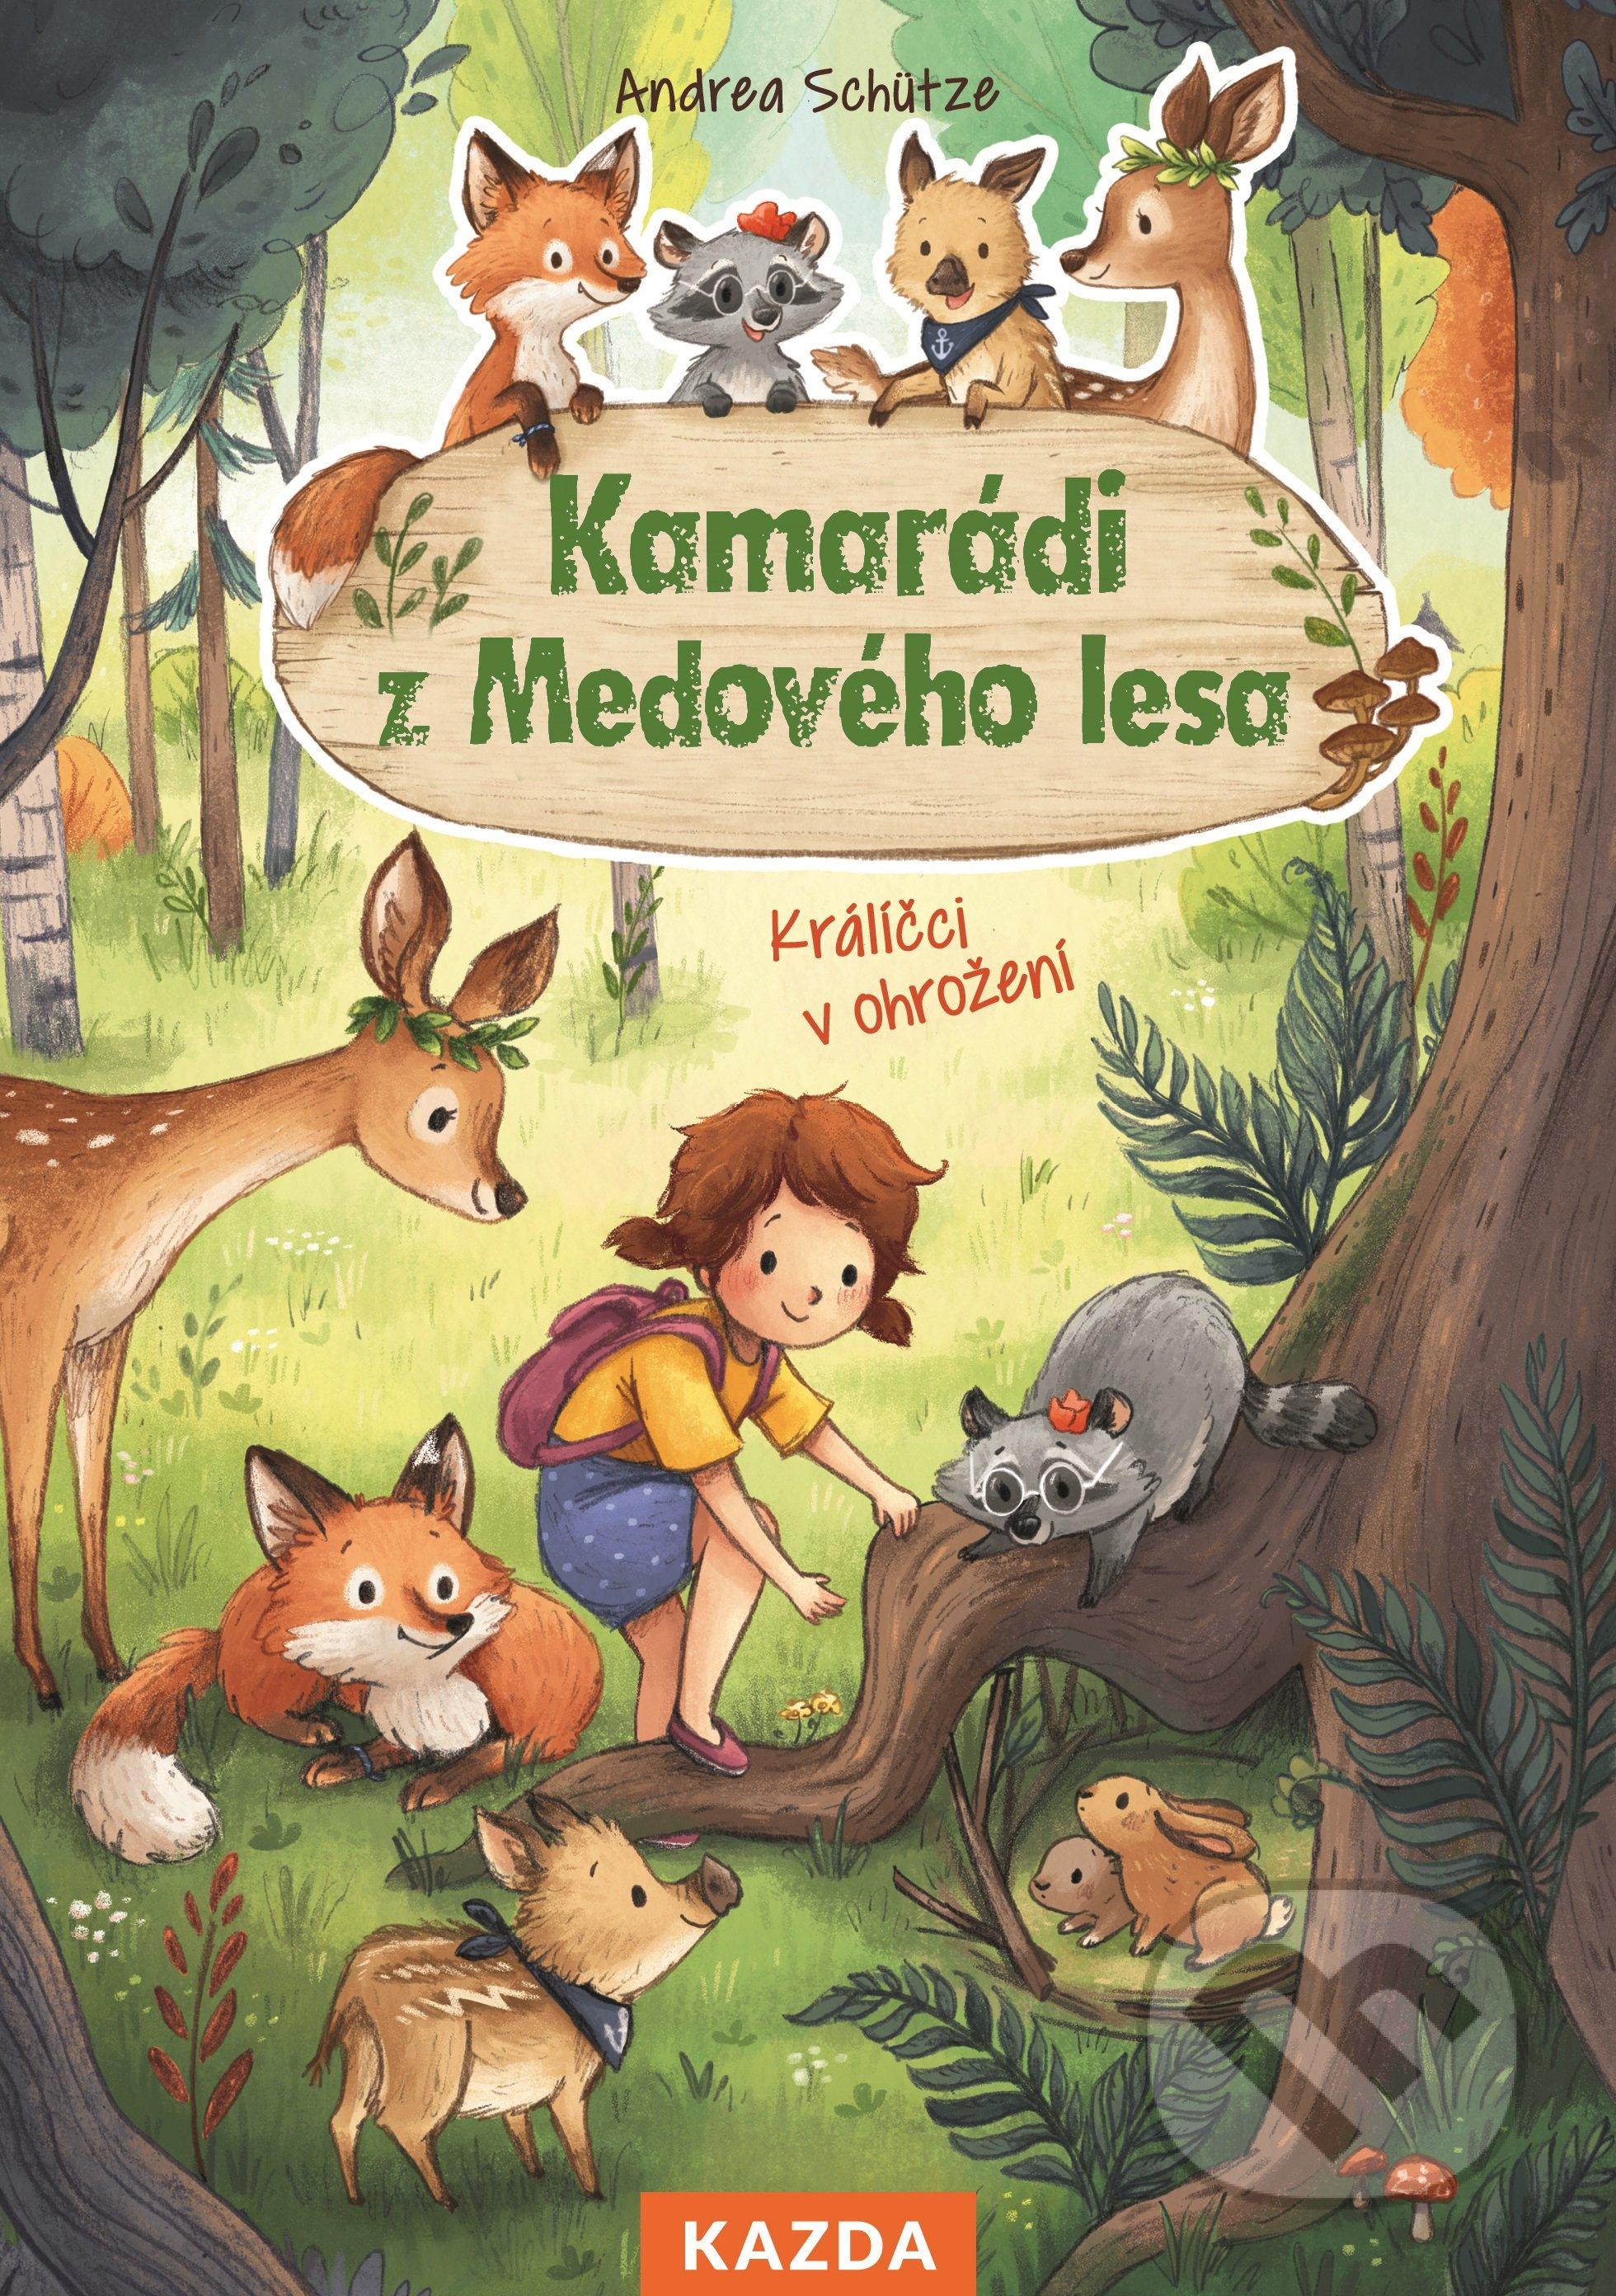 Kamarádi z Medového lesa - Králíčci v ohrožení - Andrea Schütze, Carola Sieverding (Ilustrátor)